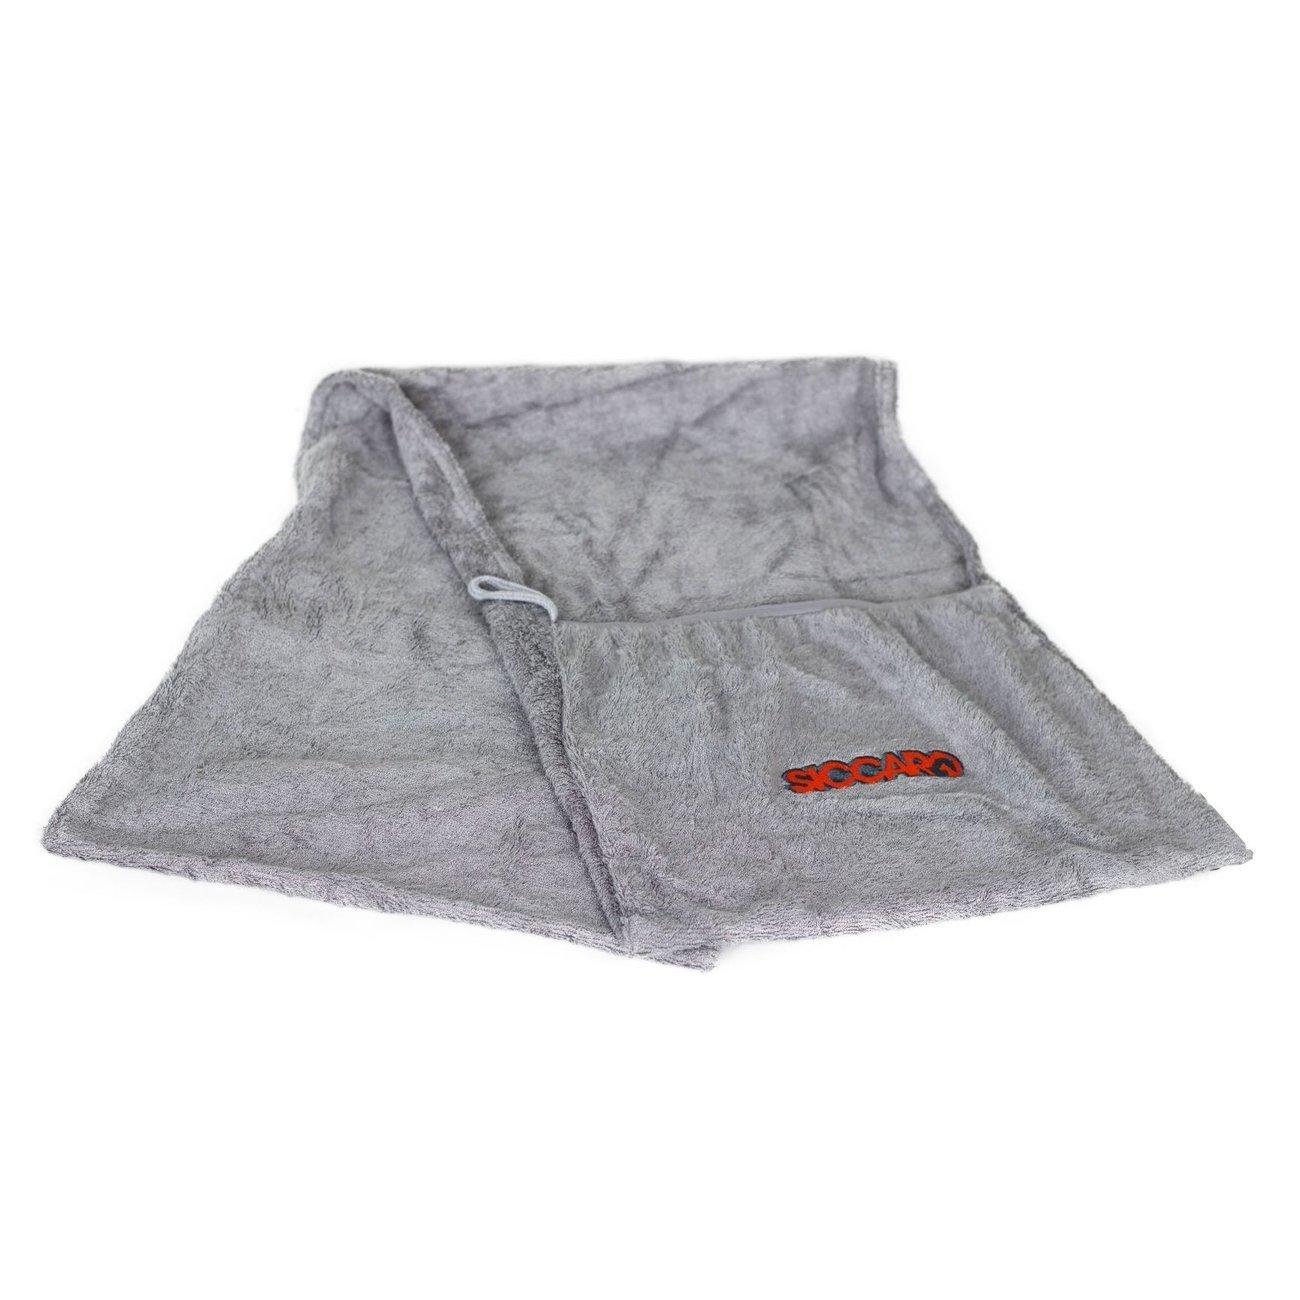 SICCARO Handtuch EasyDry Towel für Hunde